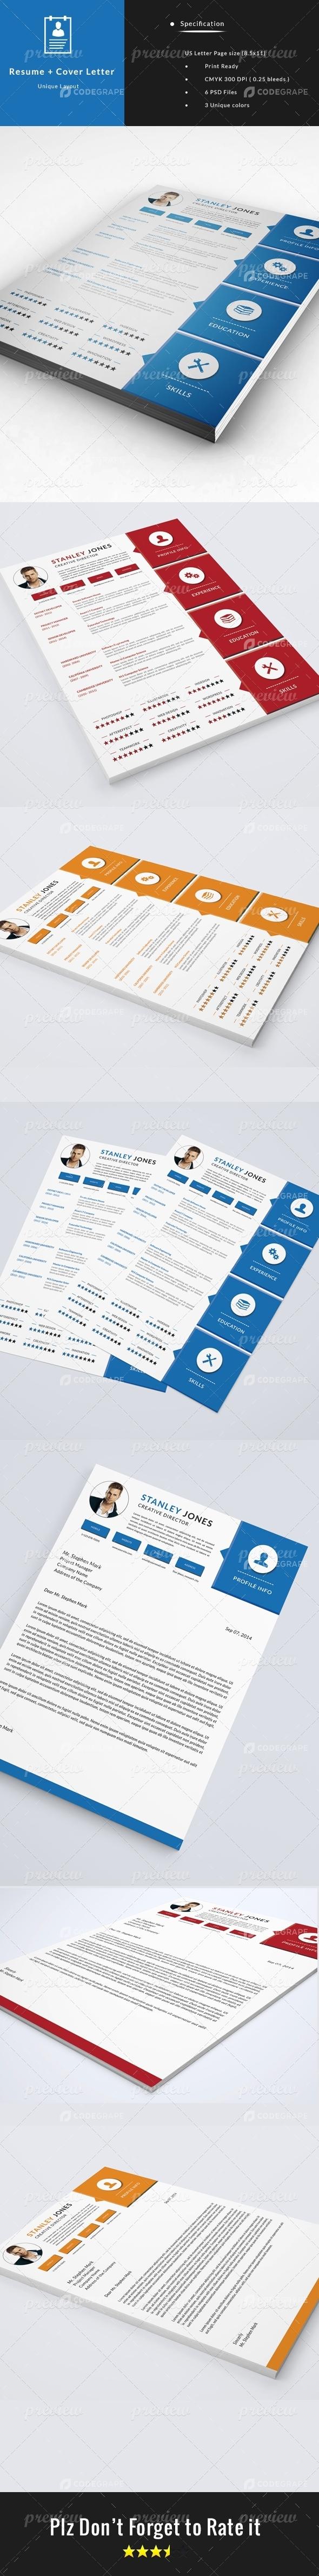 CV - Resume + Cover Letter